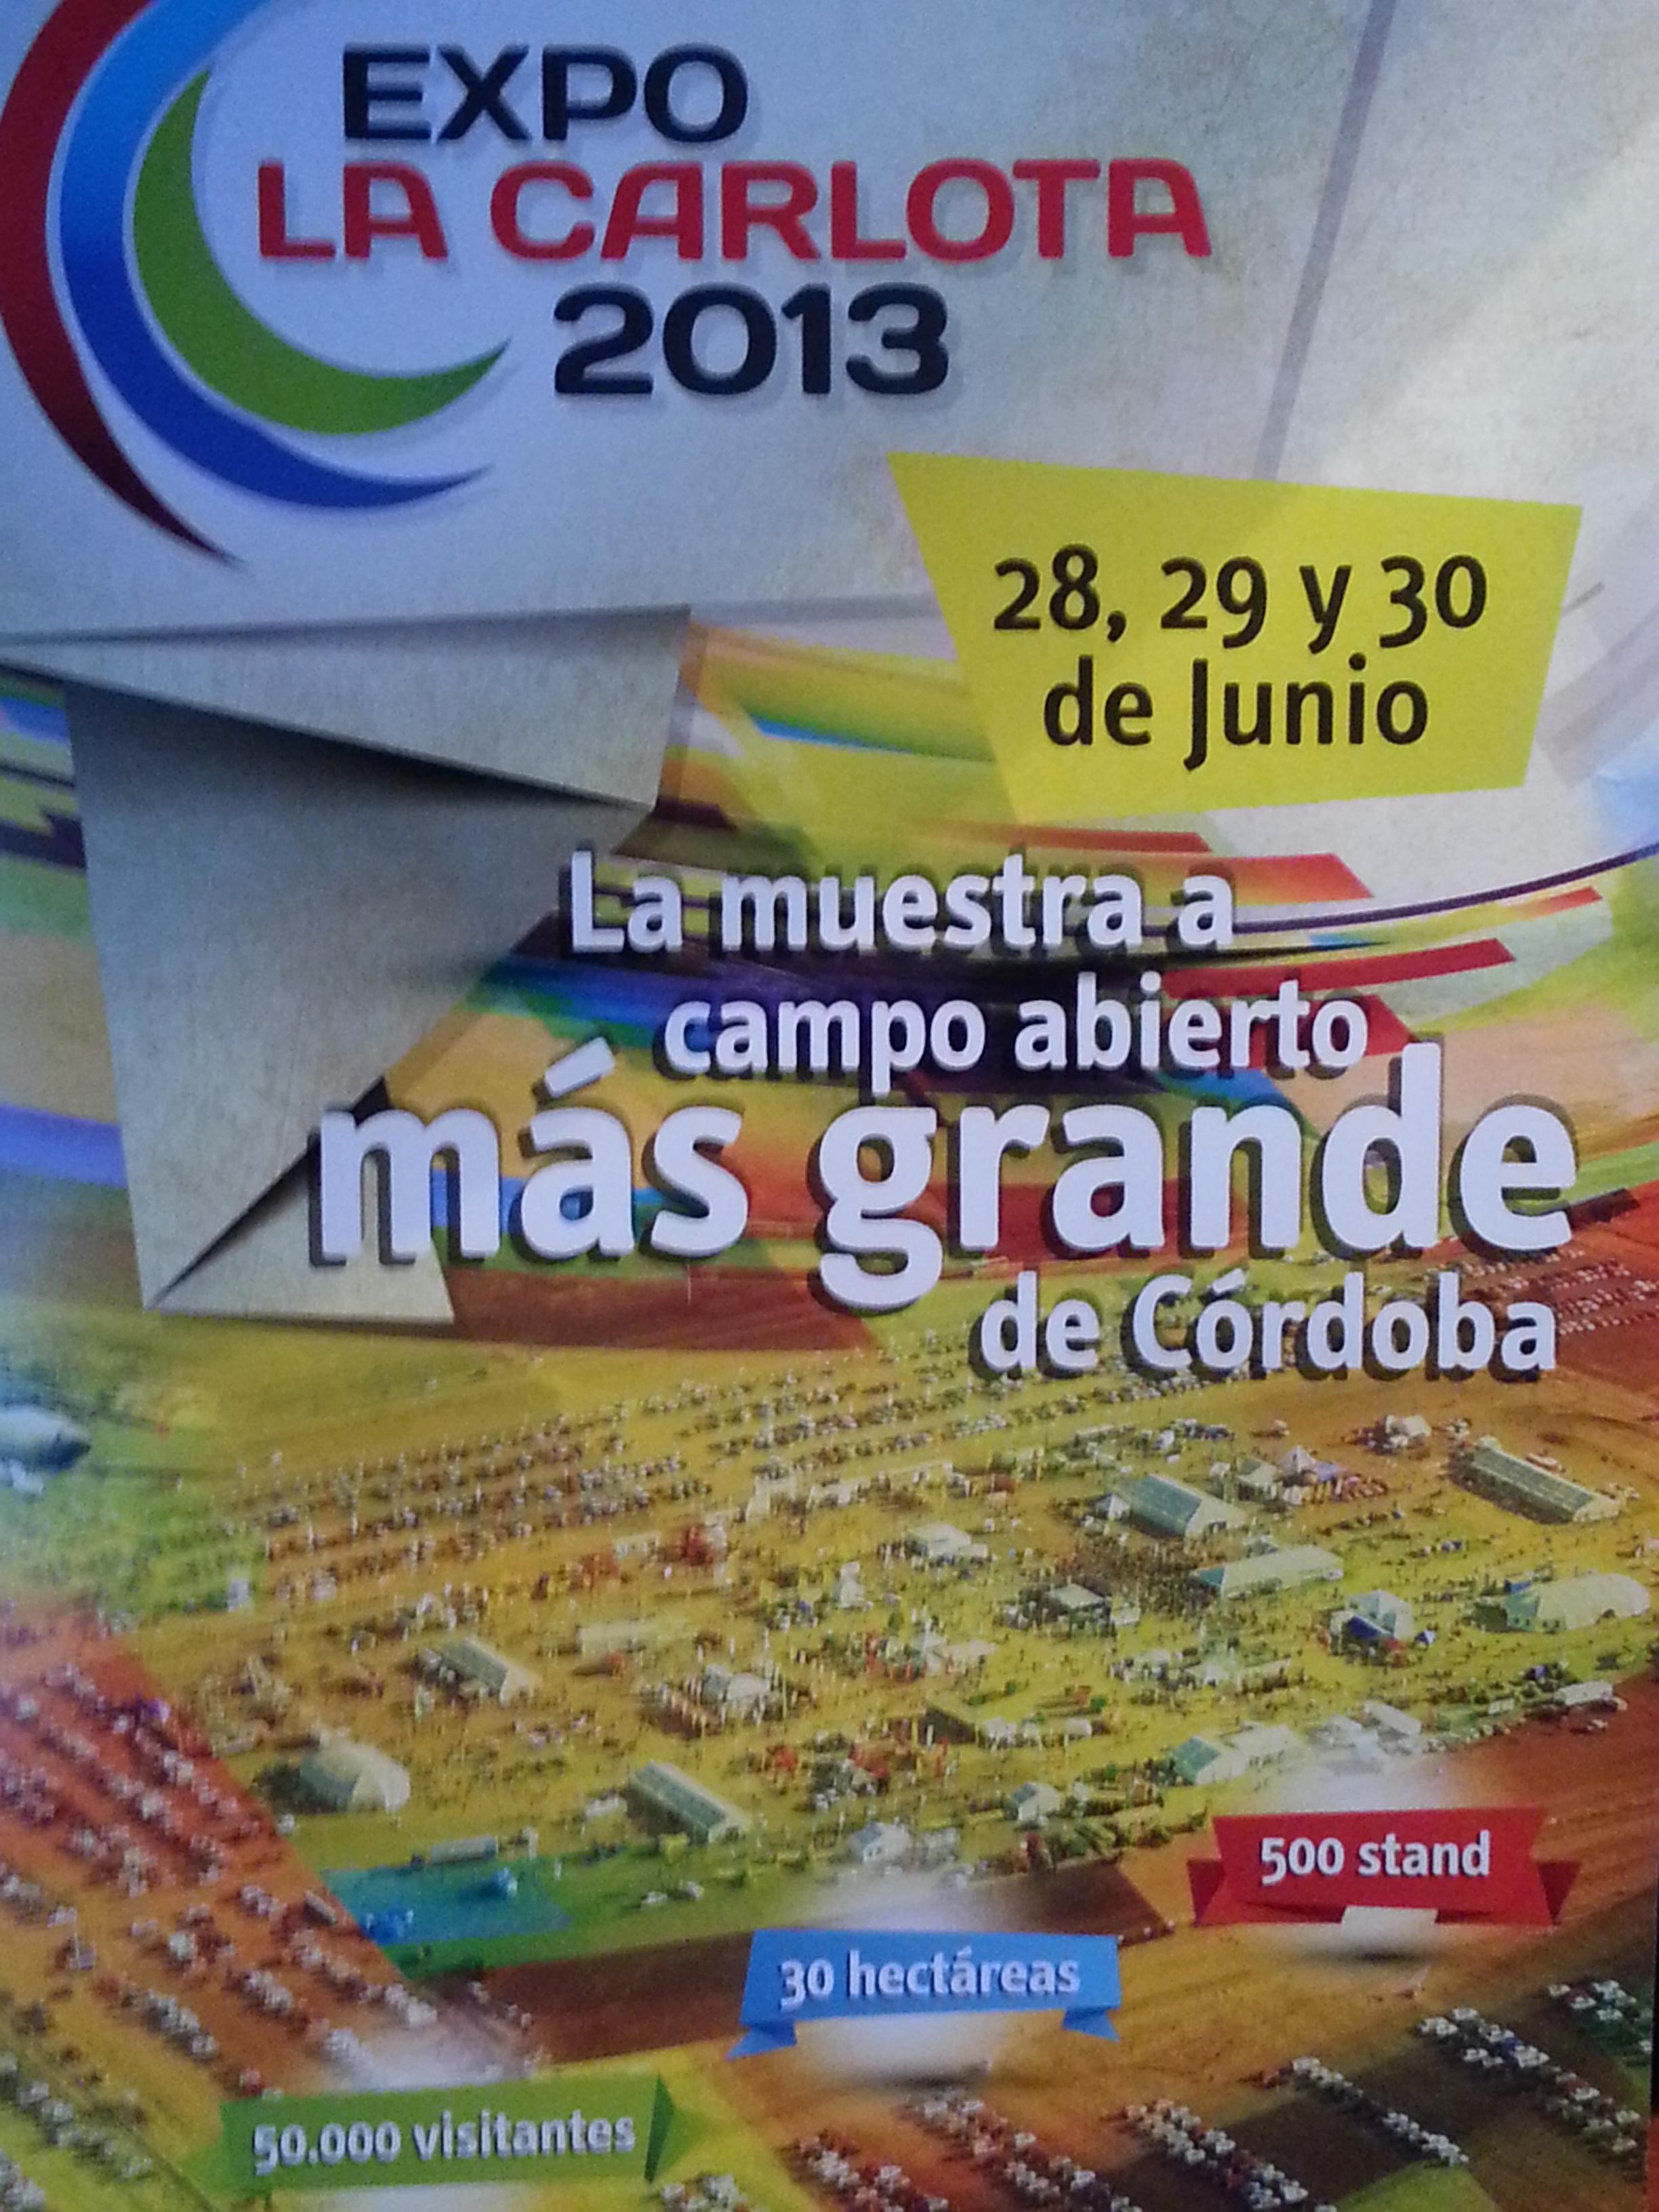 Se lanzó formalmente la Expo La Carlota 2013.